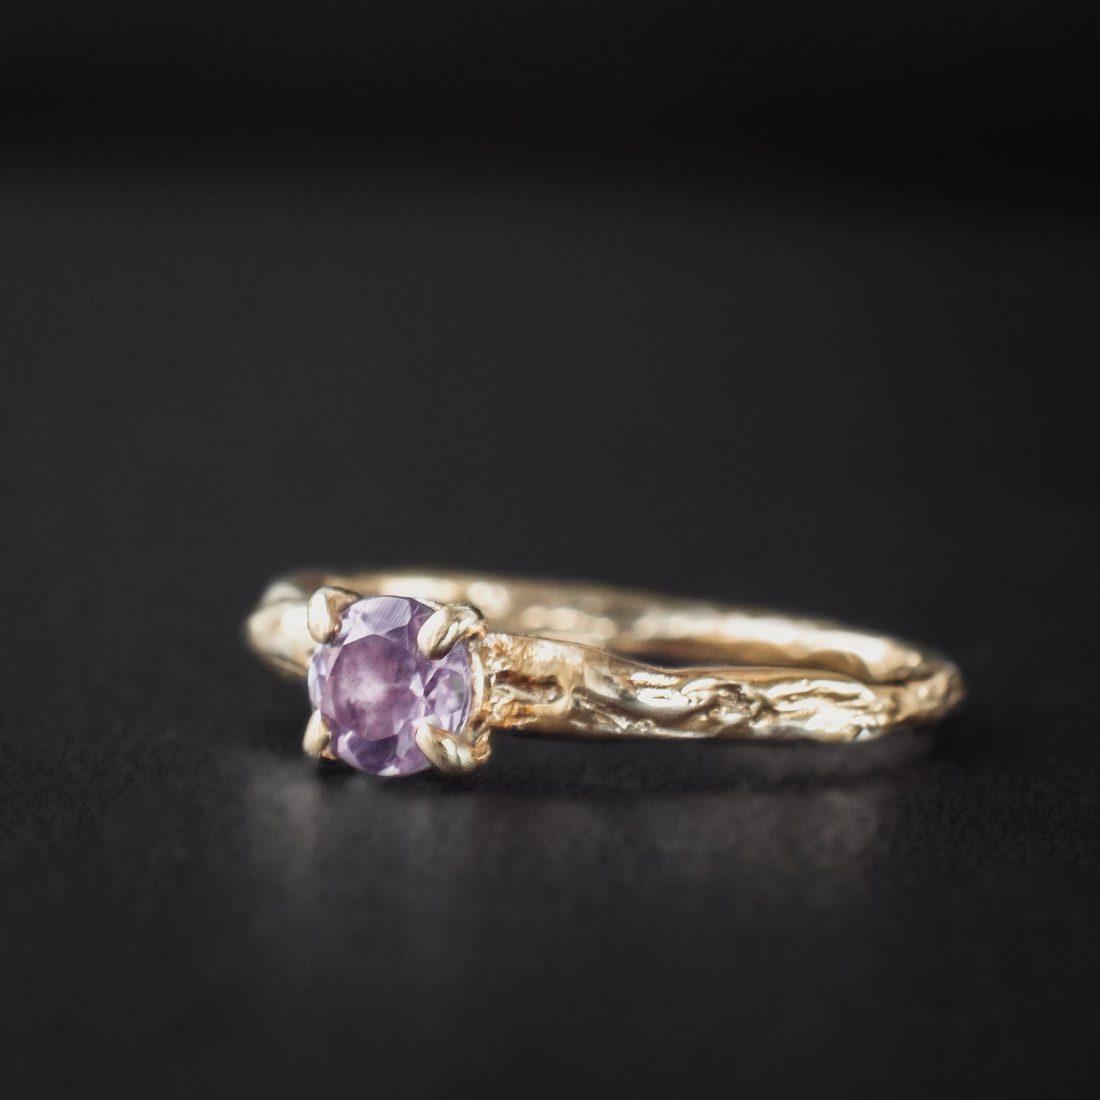 Кольцо текстурное с камнем 5 мм, позолота 2